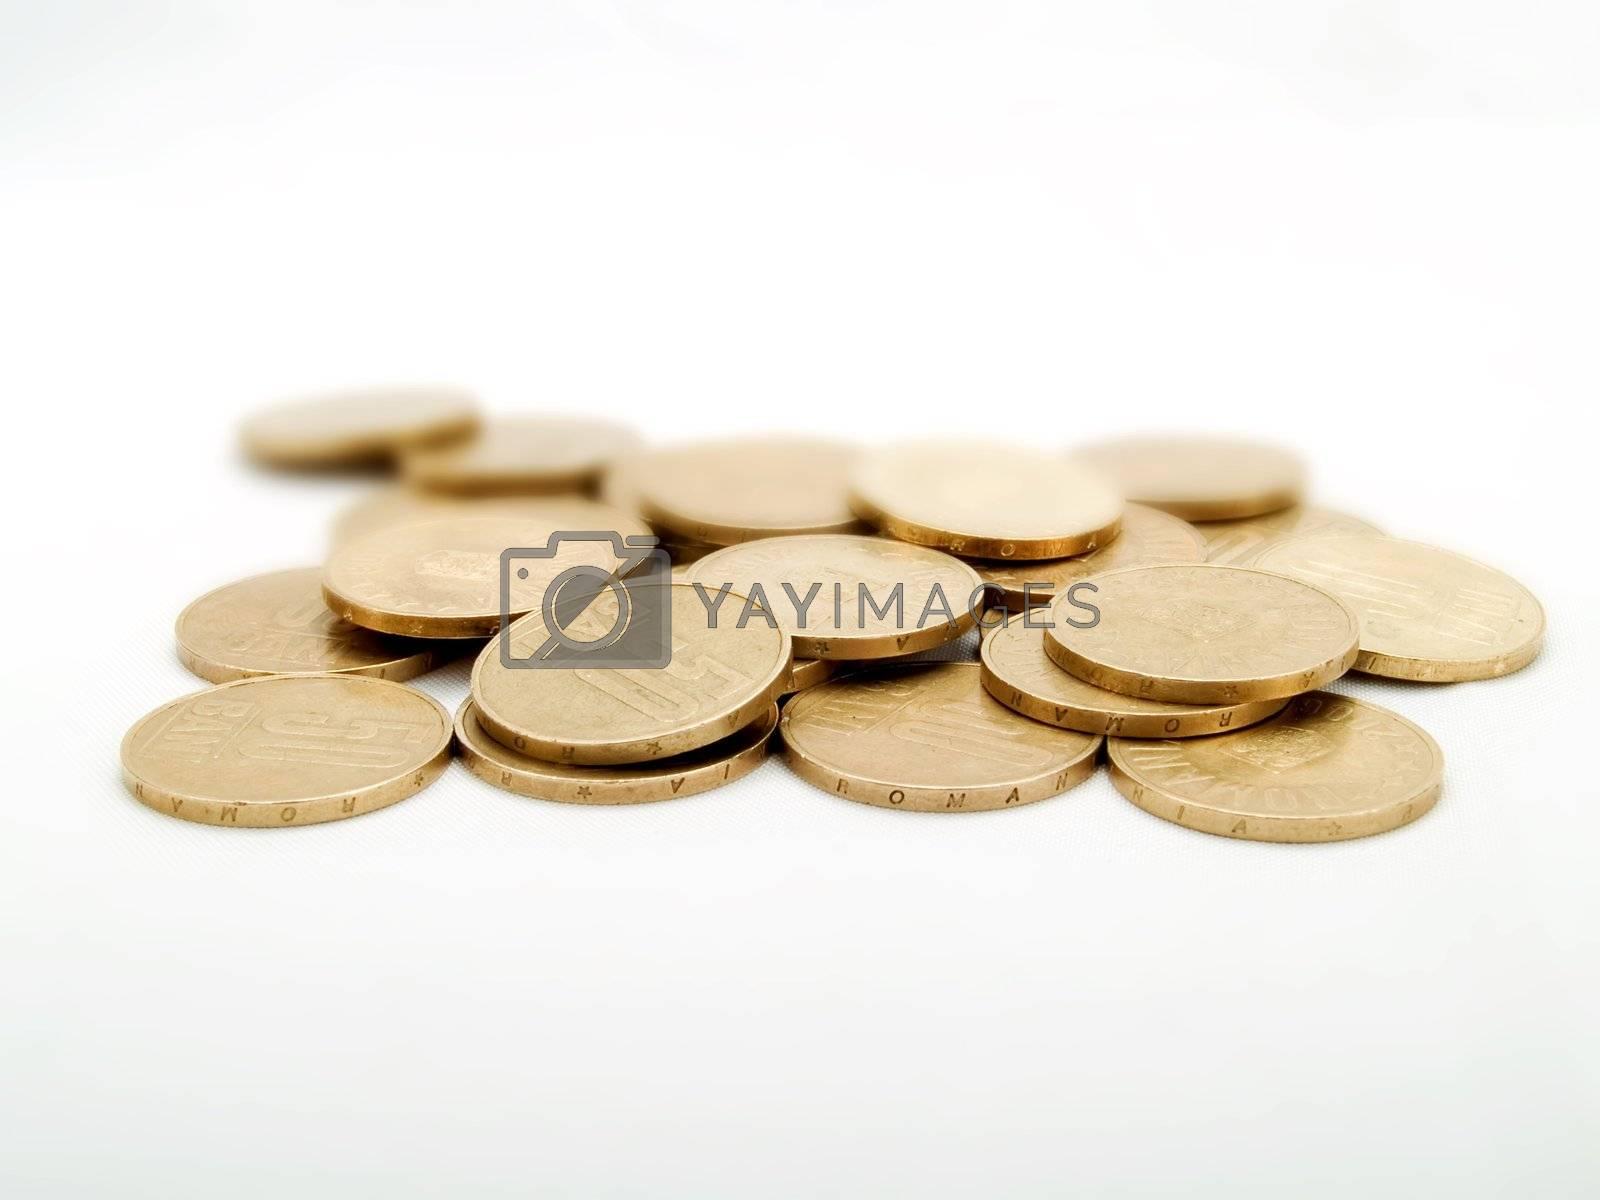 Coins by henrischmit